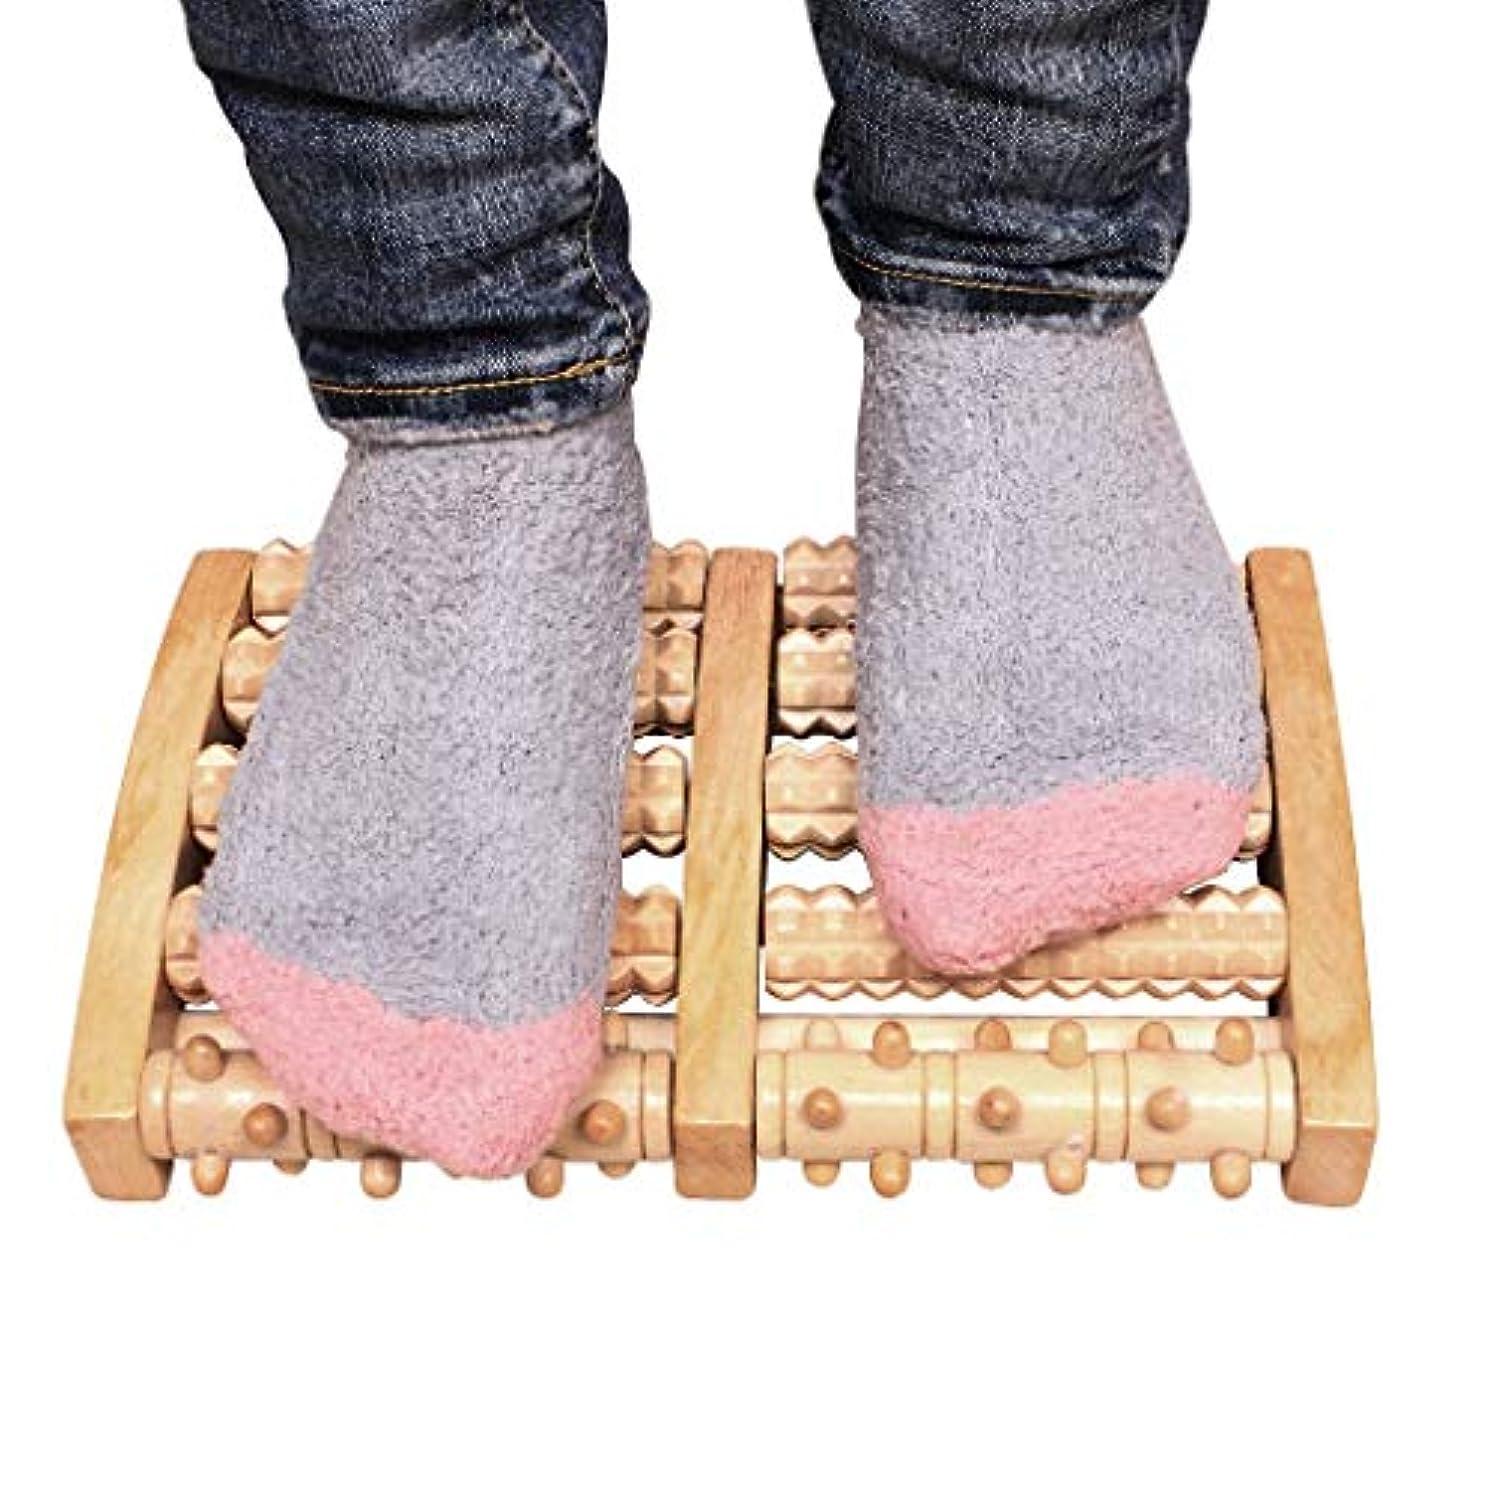 専門用語エンジン遺伝的木の二重足のマッサージャー、足底筋膜炎のためのローラーの痛みの軽減治癒拍車ディープティッシュ指圧フット&ヒールマッサージャー